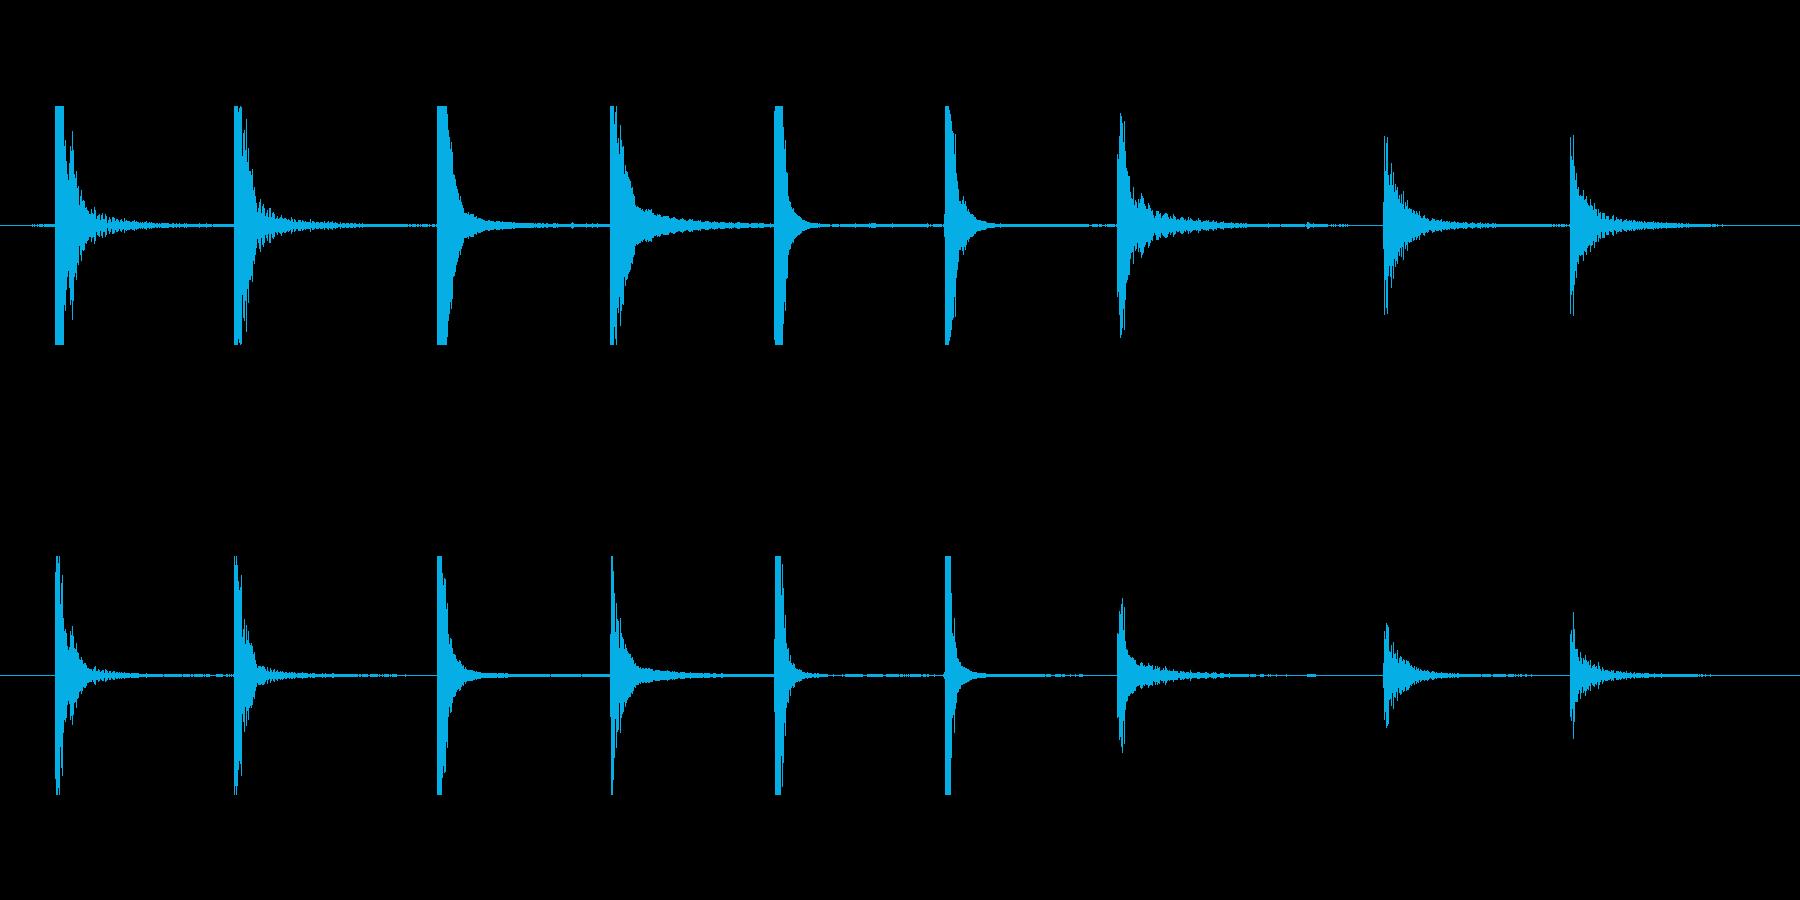 金属クランクパイプ低クラスターcの再生済みの波形